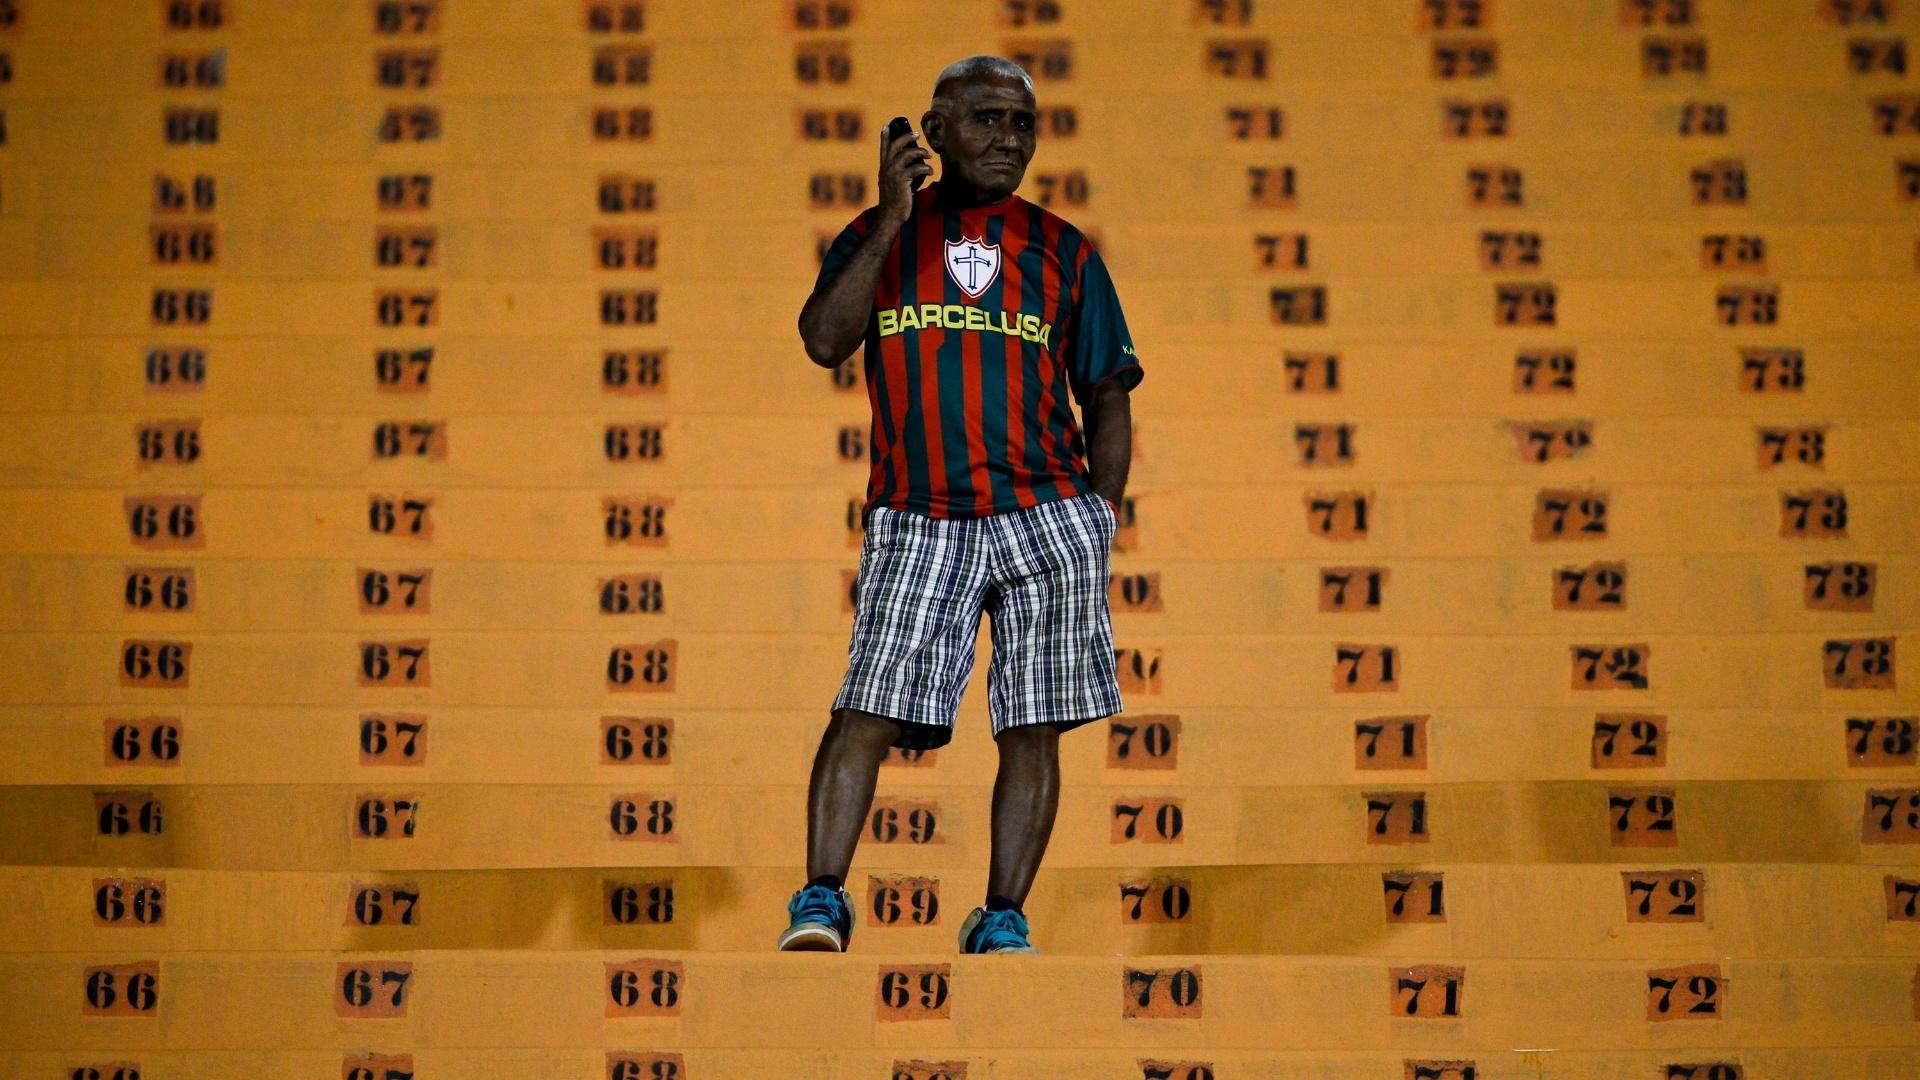 Torcedor da Portuguesa antes da partida contra o Corinthians, no Pacaembu, pelo Paulistão